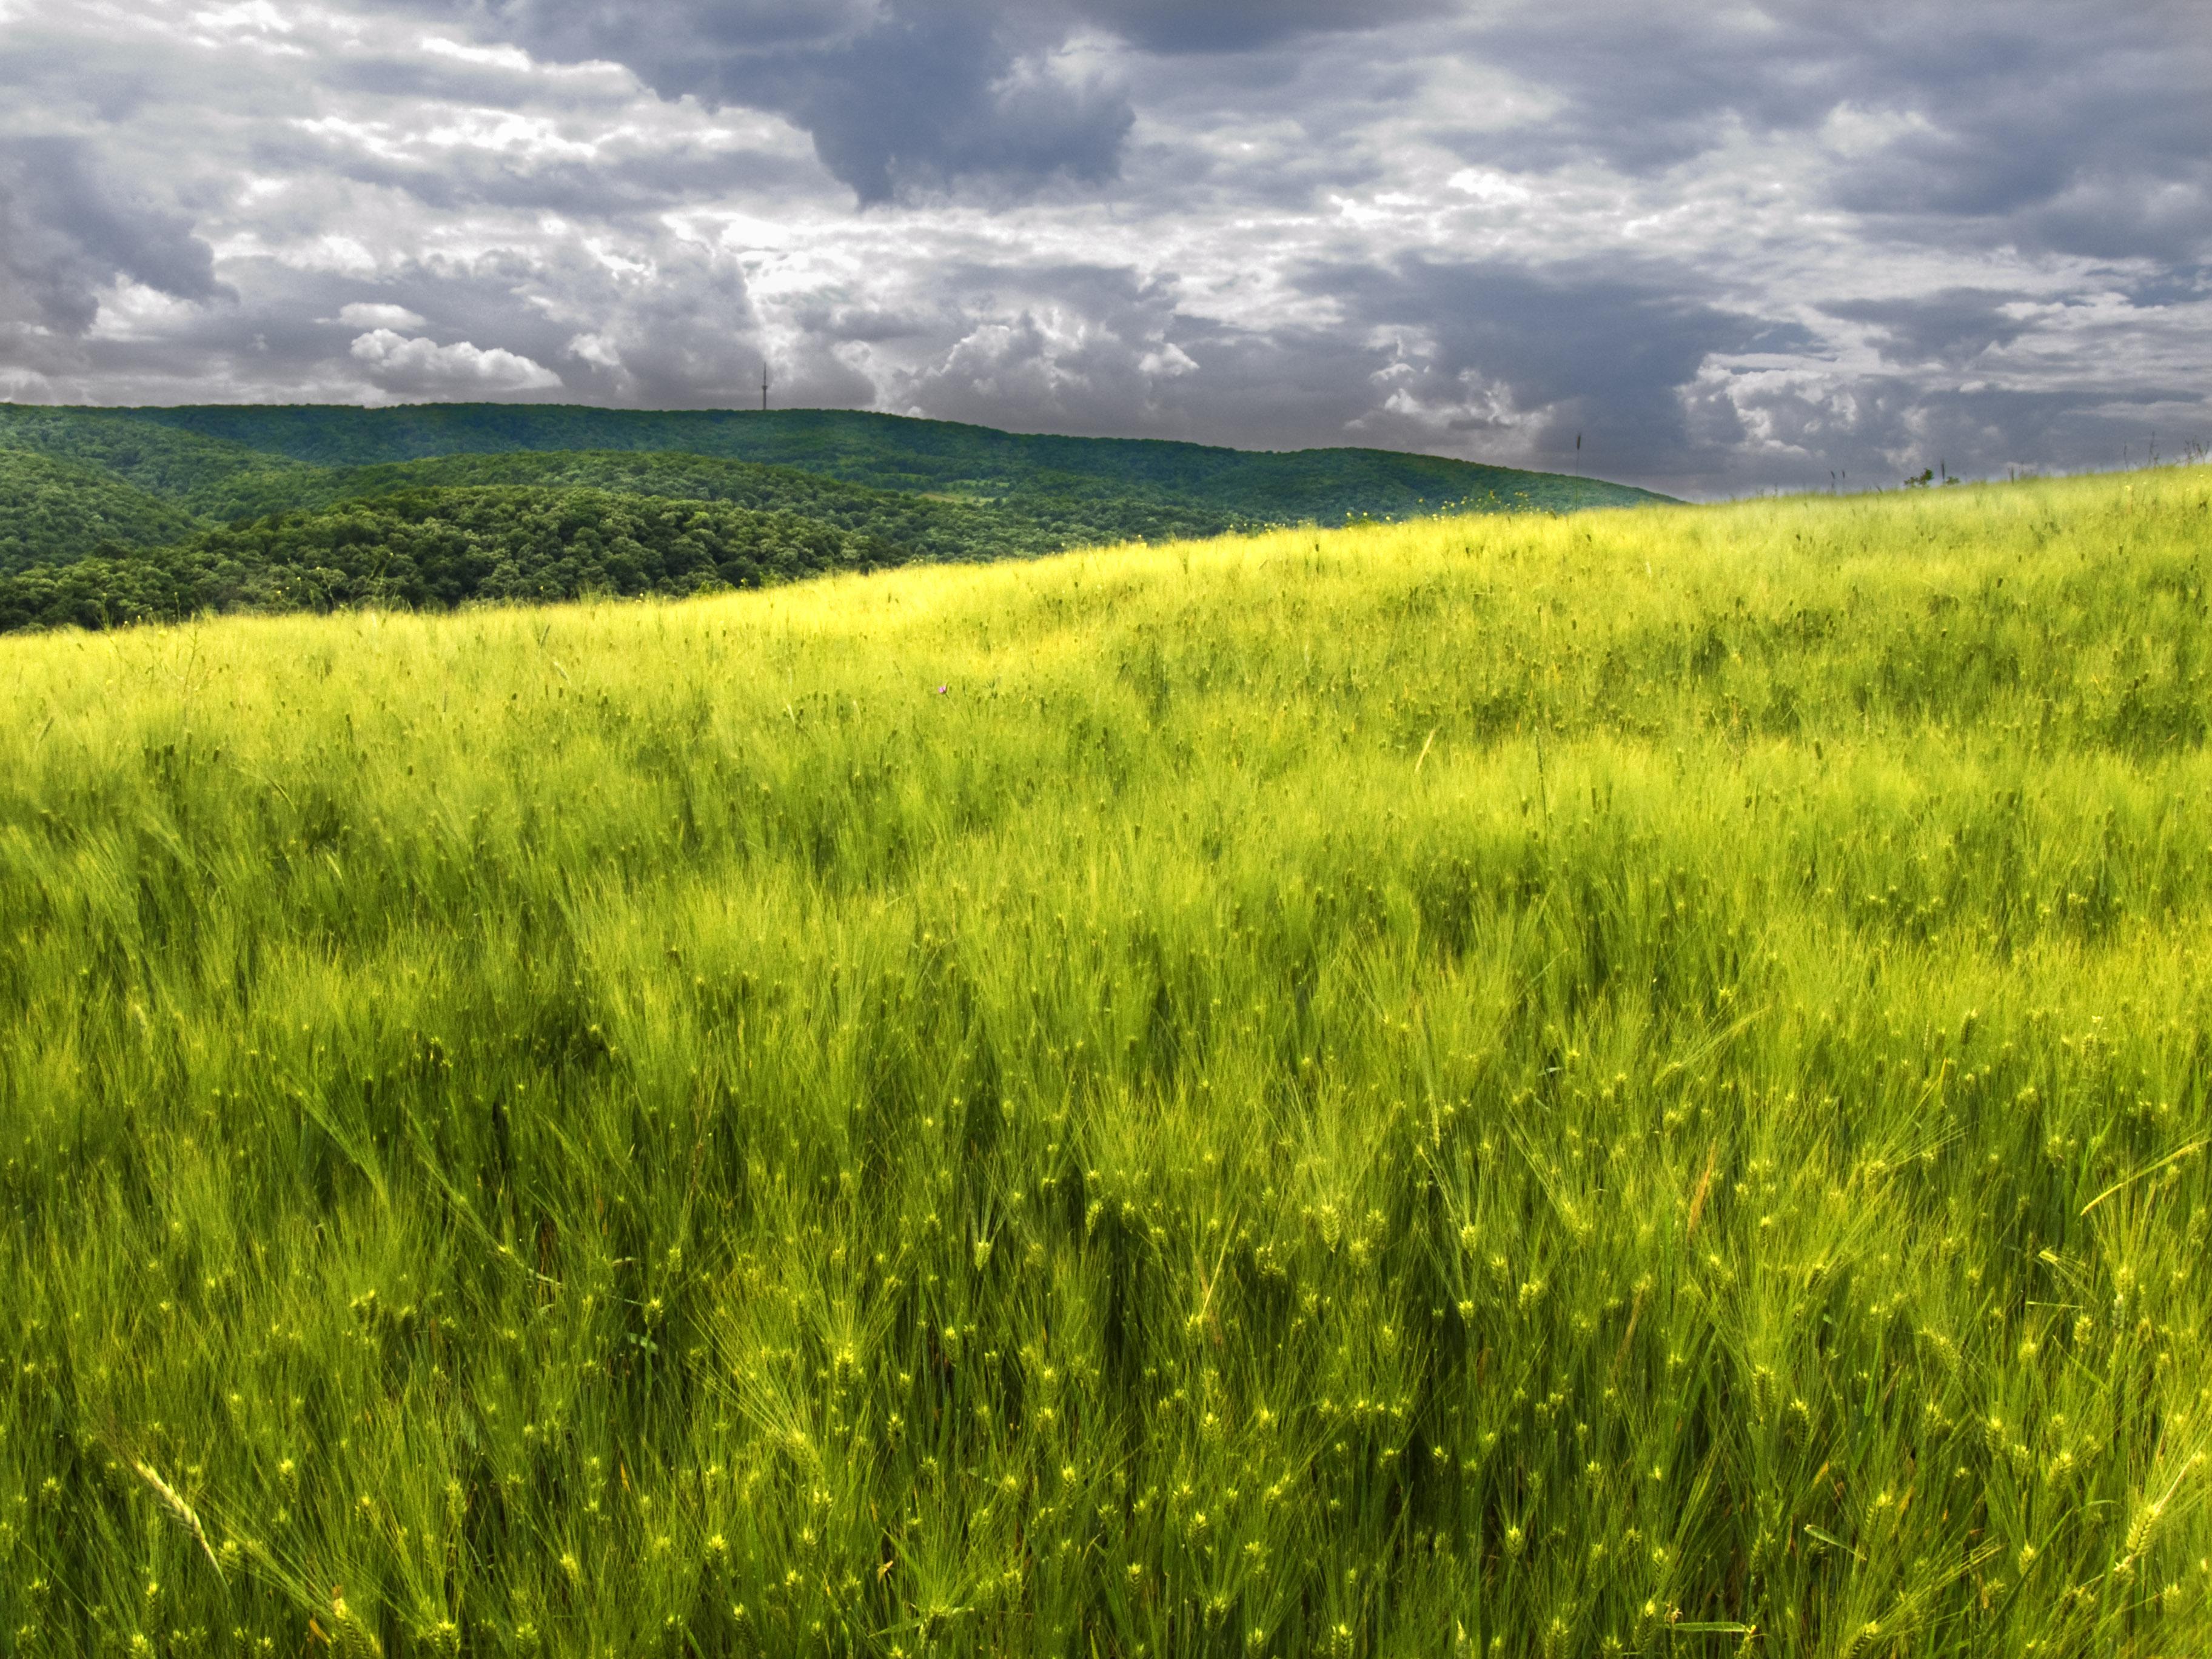 Pozemek - pozemková renta - pole